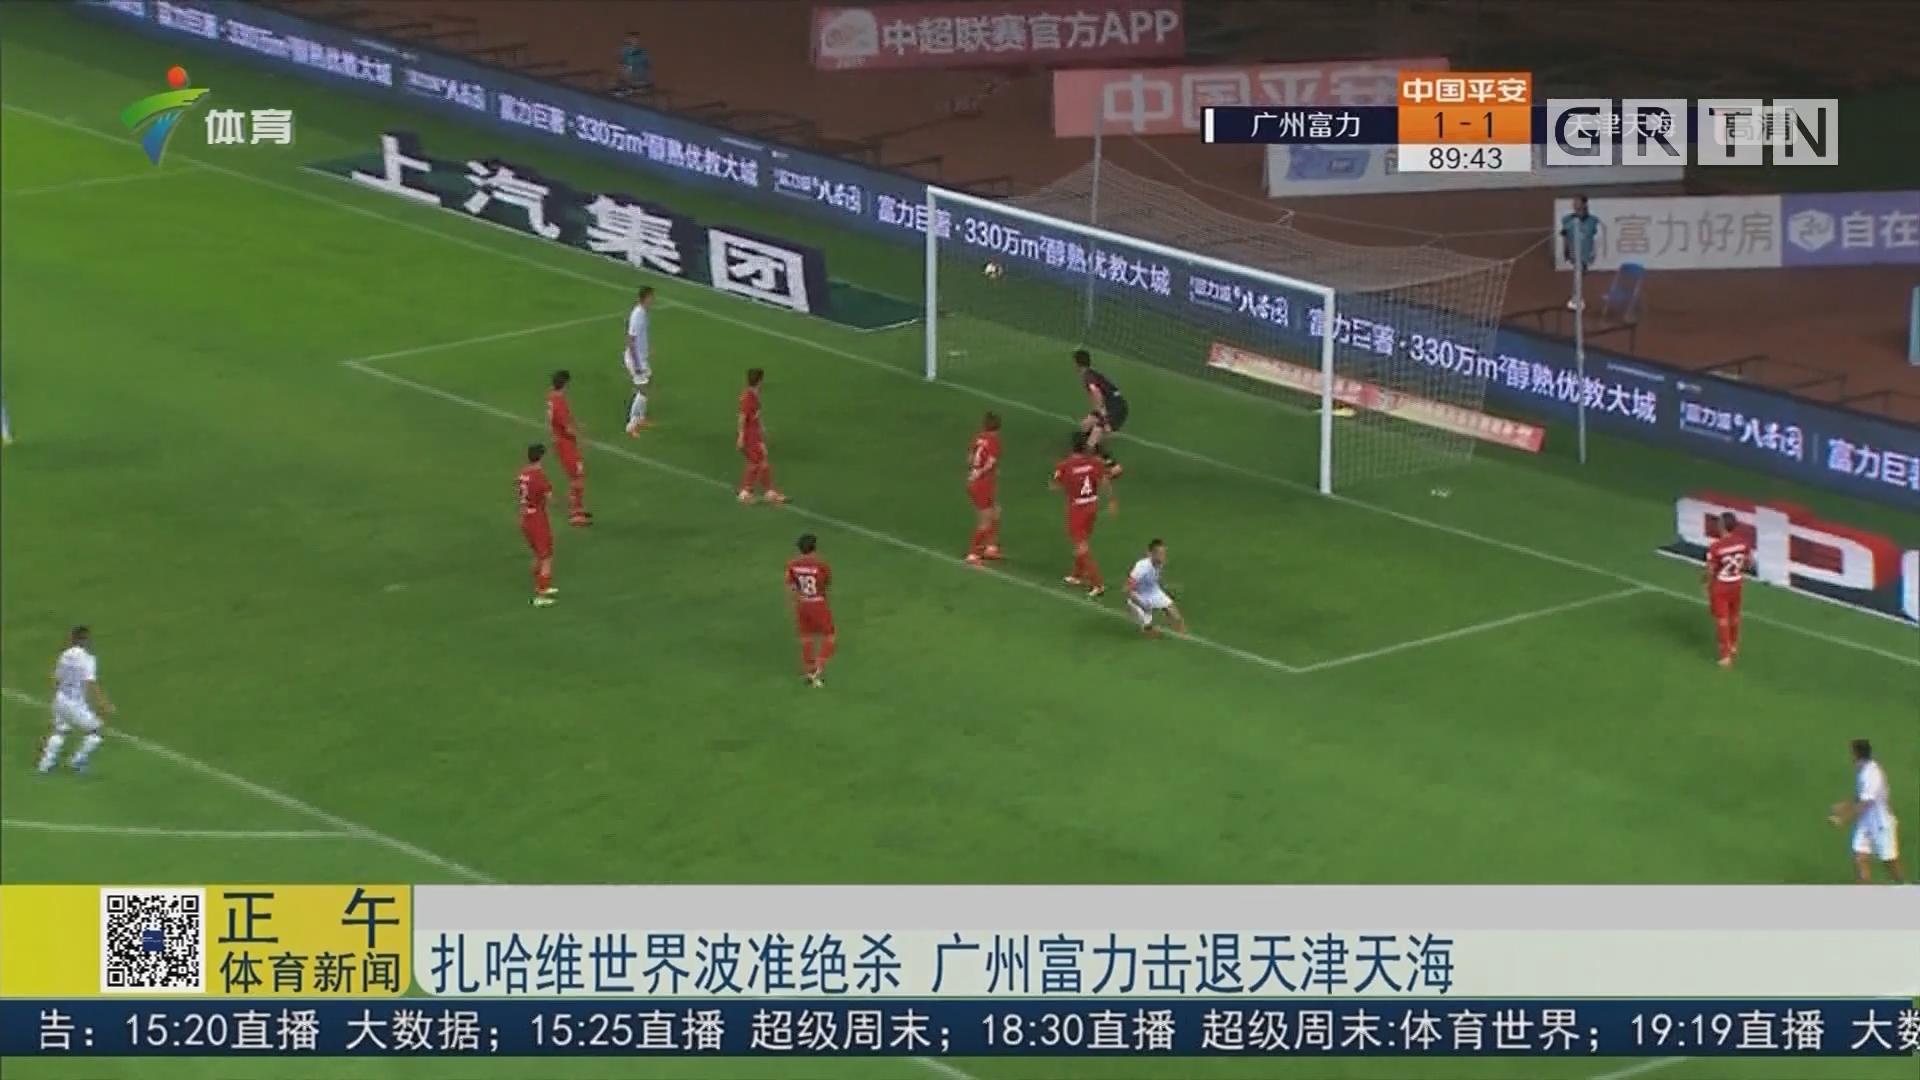 扎哈維世界杯準絕殺 廣州富力擊退天津天海